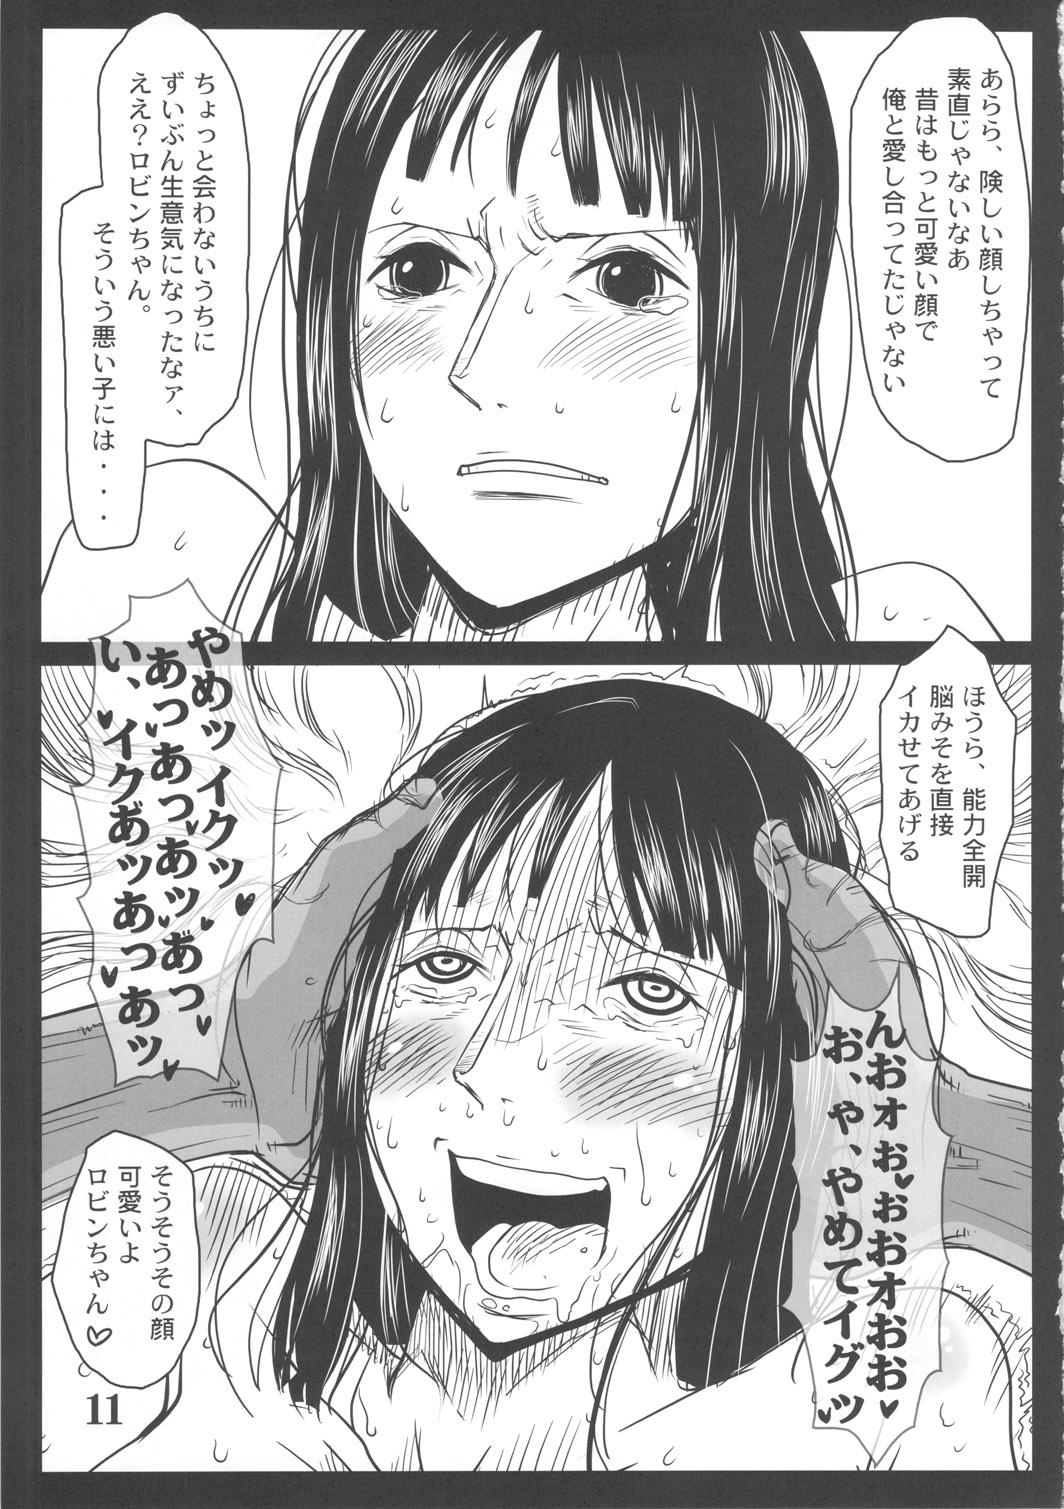 Metabolism-OP Kyonyuu Kyoshiri Shoufu Nico Robin no Keshi Taikako 9